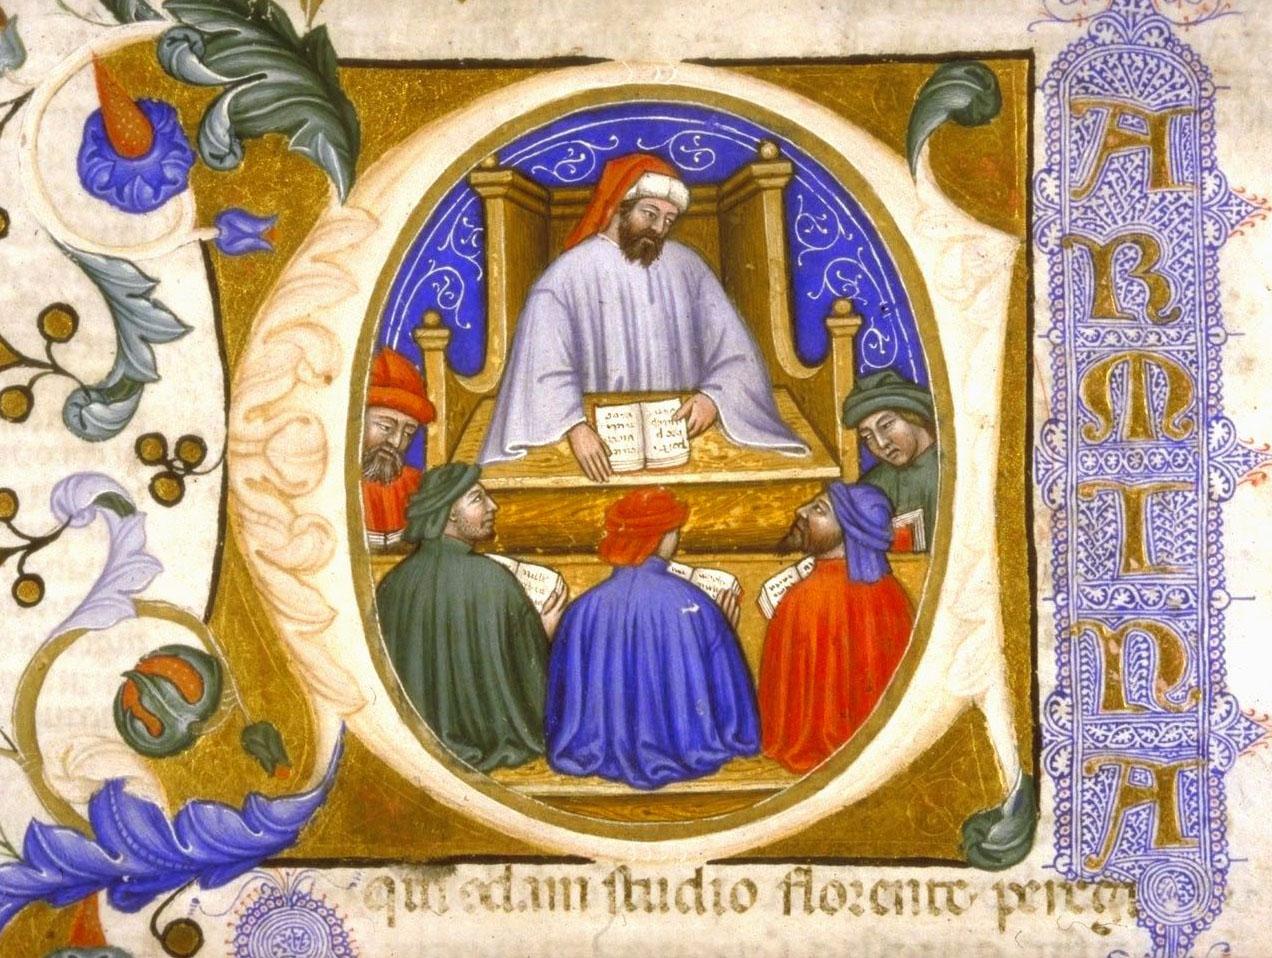 Boèce au fil du temps : la réception de son œuvre et son influence sur les lettres européennes du Moyen Âge à nos jours